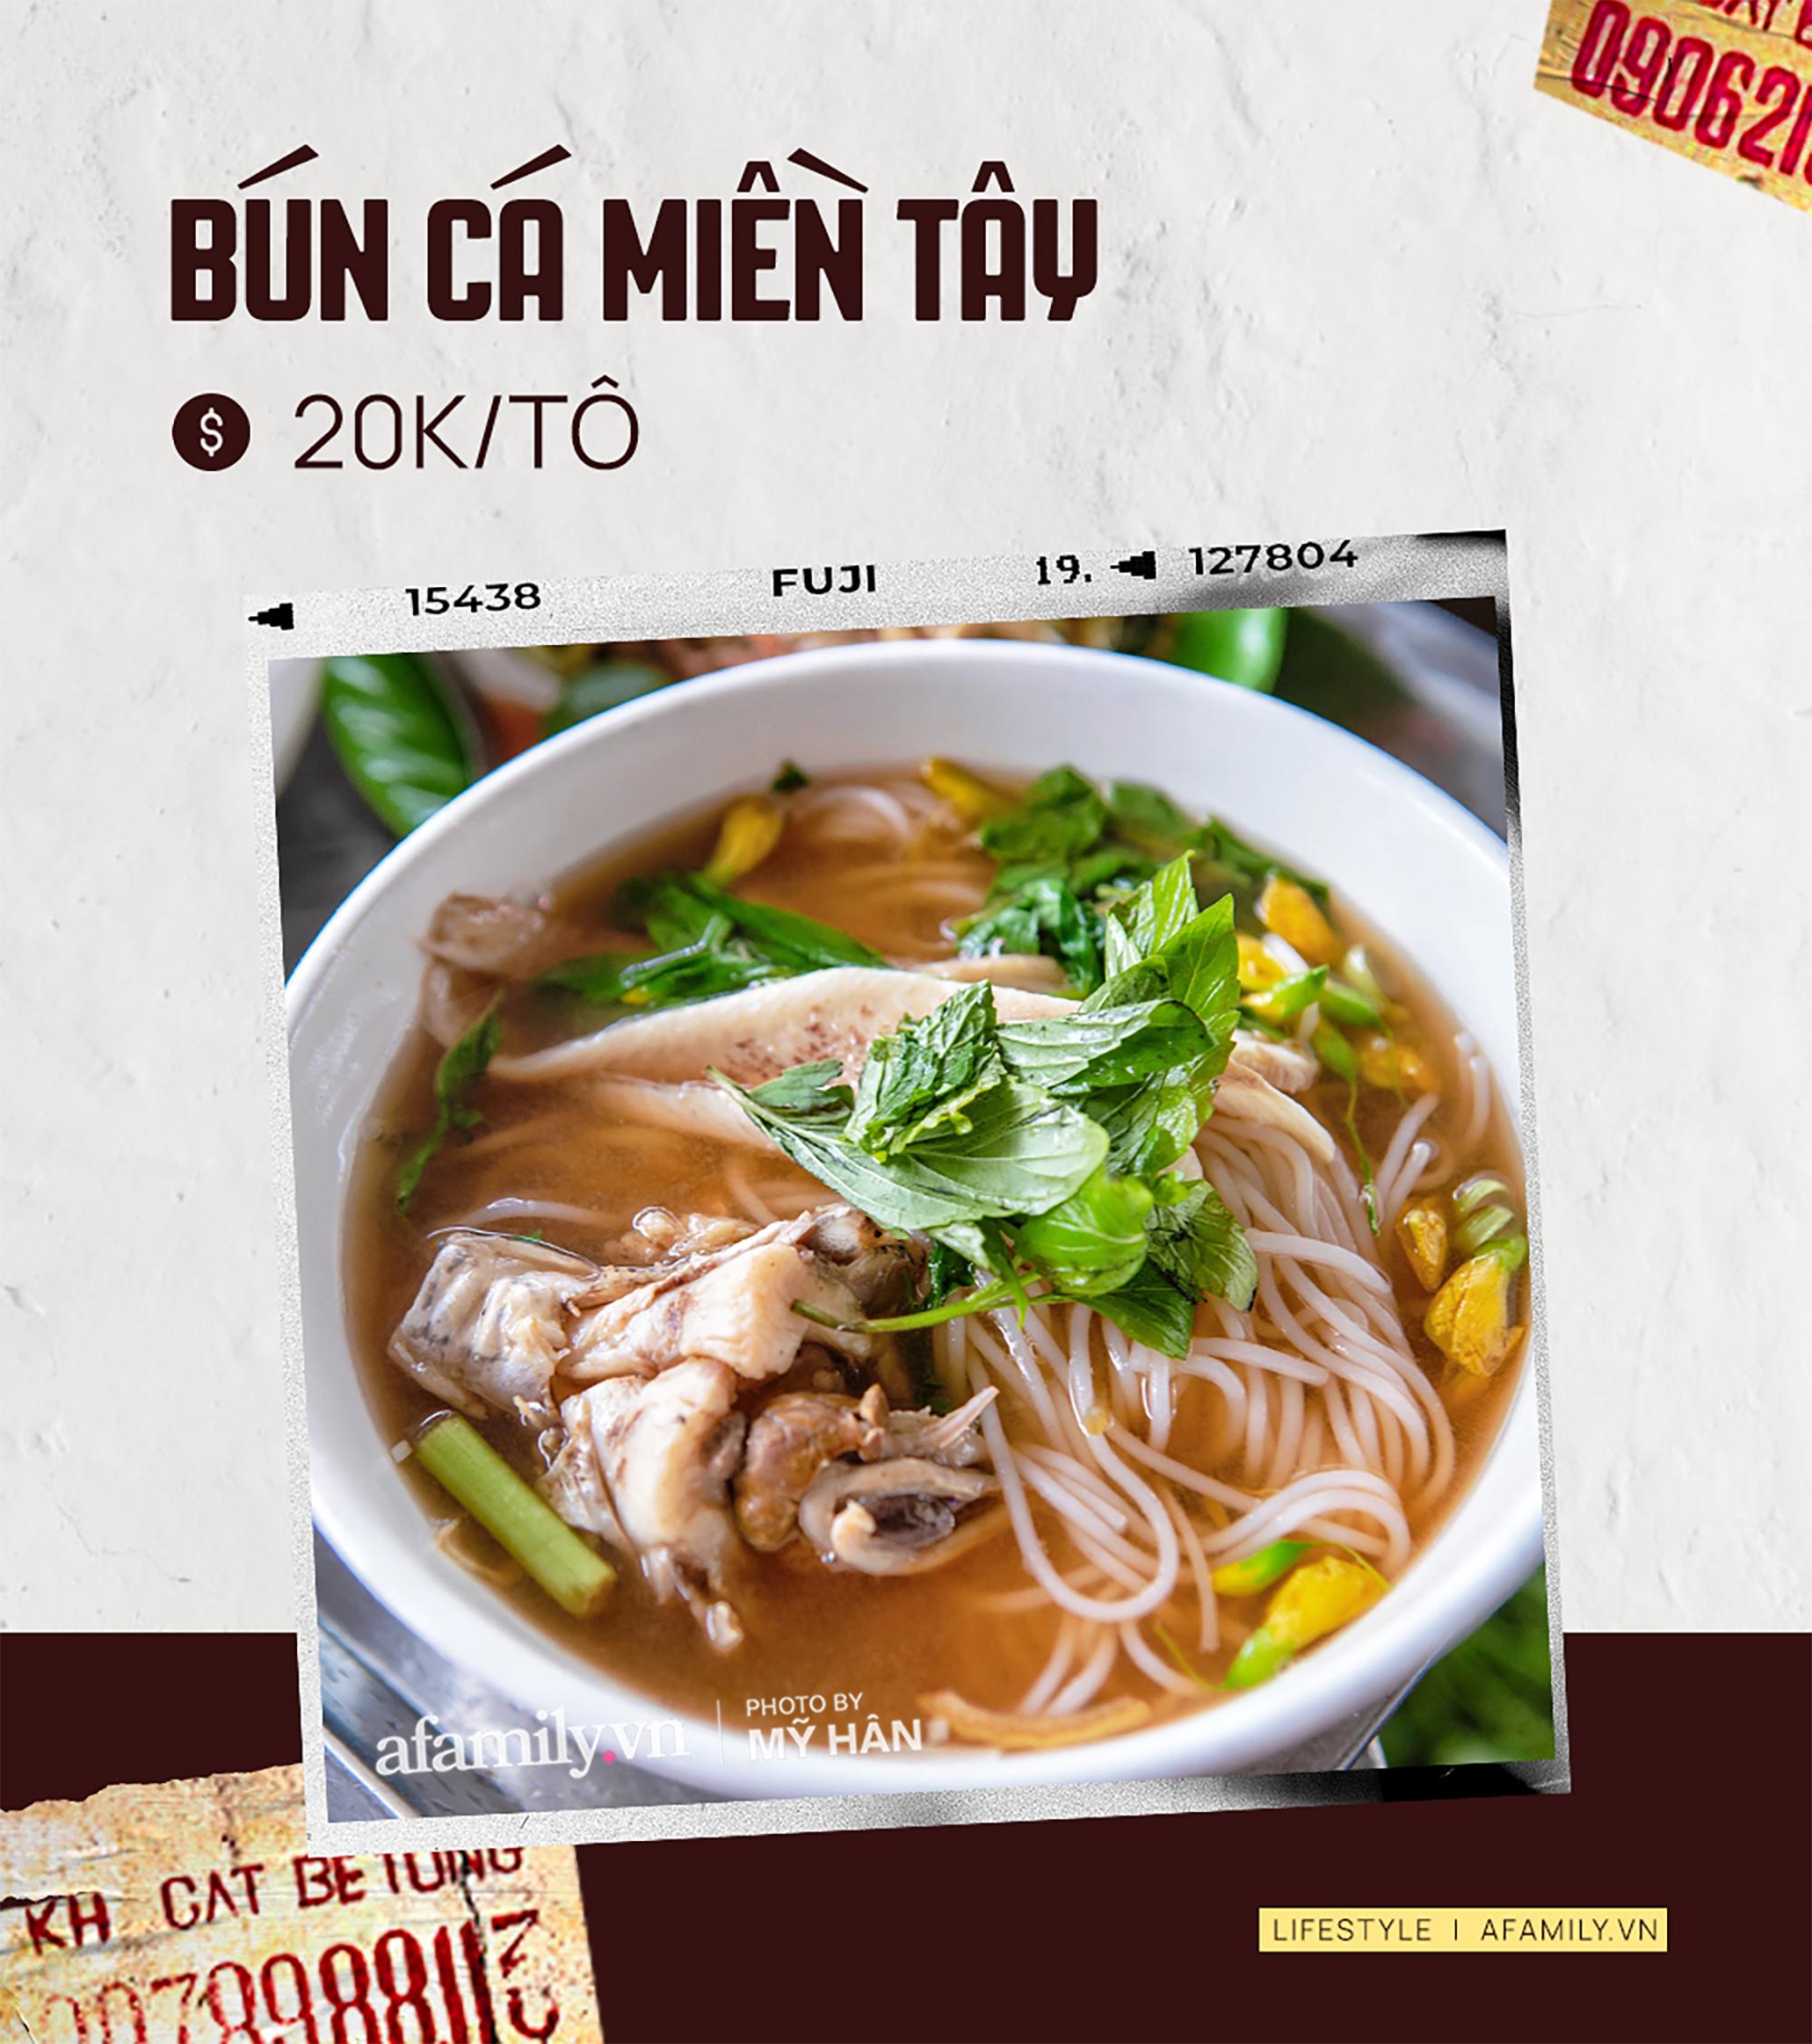 """""""Choáng"""" với bảng giá loạt món ăn tại một tỉnh ở miền Tây, nơi vừa được công bố là có mức sống thấp nhất Việt Nam! - Ảnh 7."""